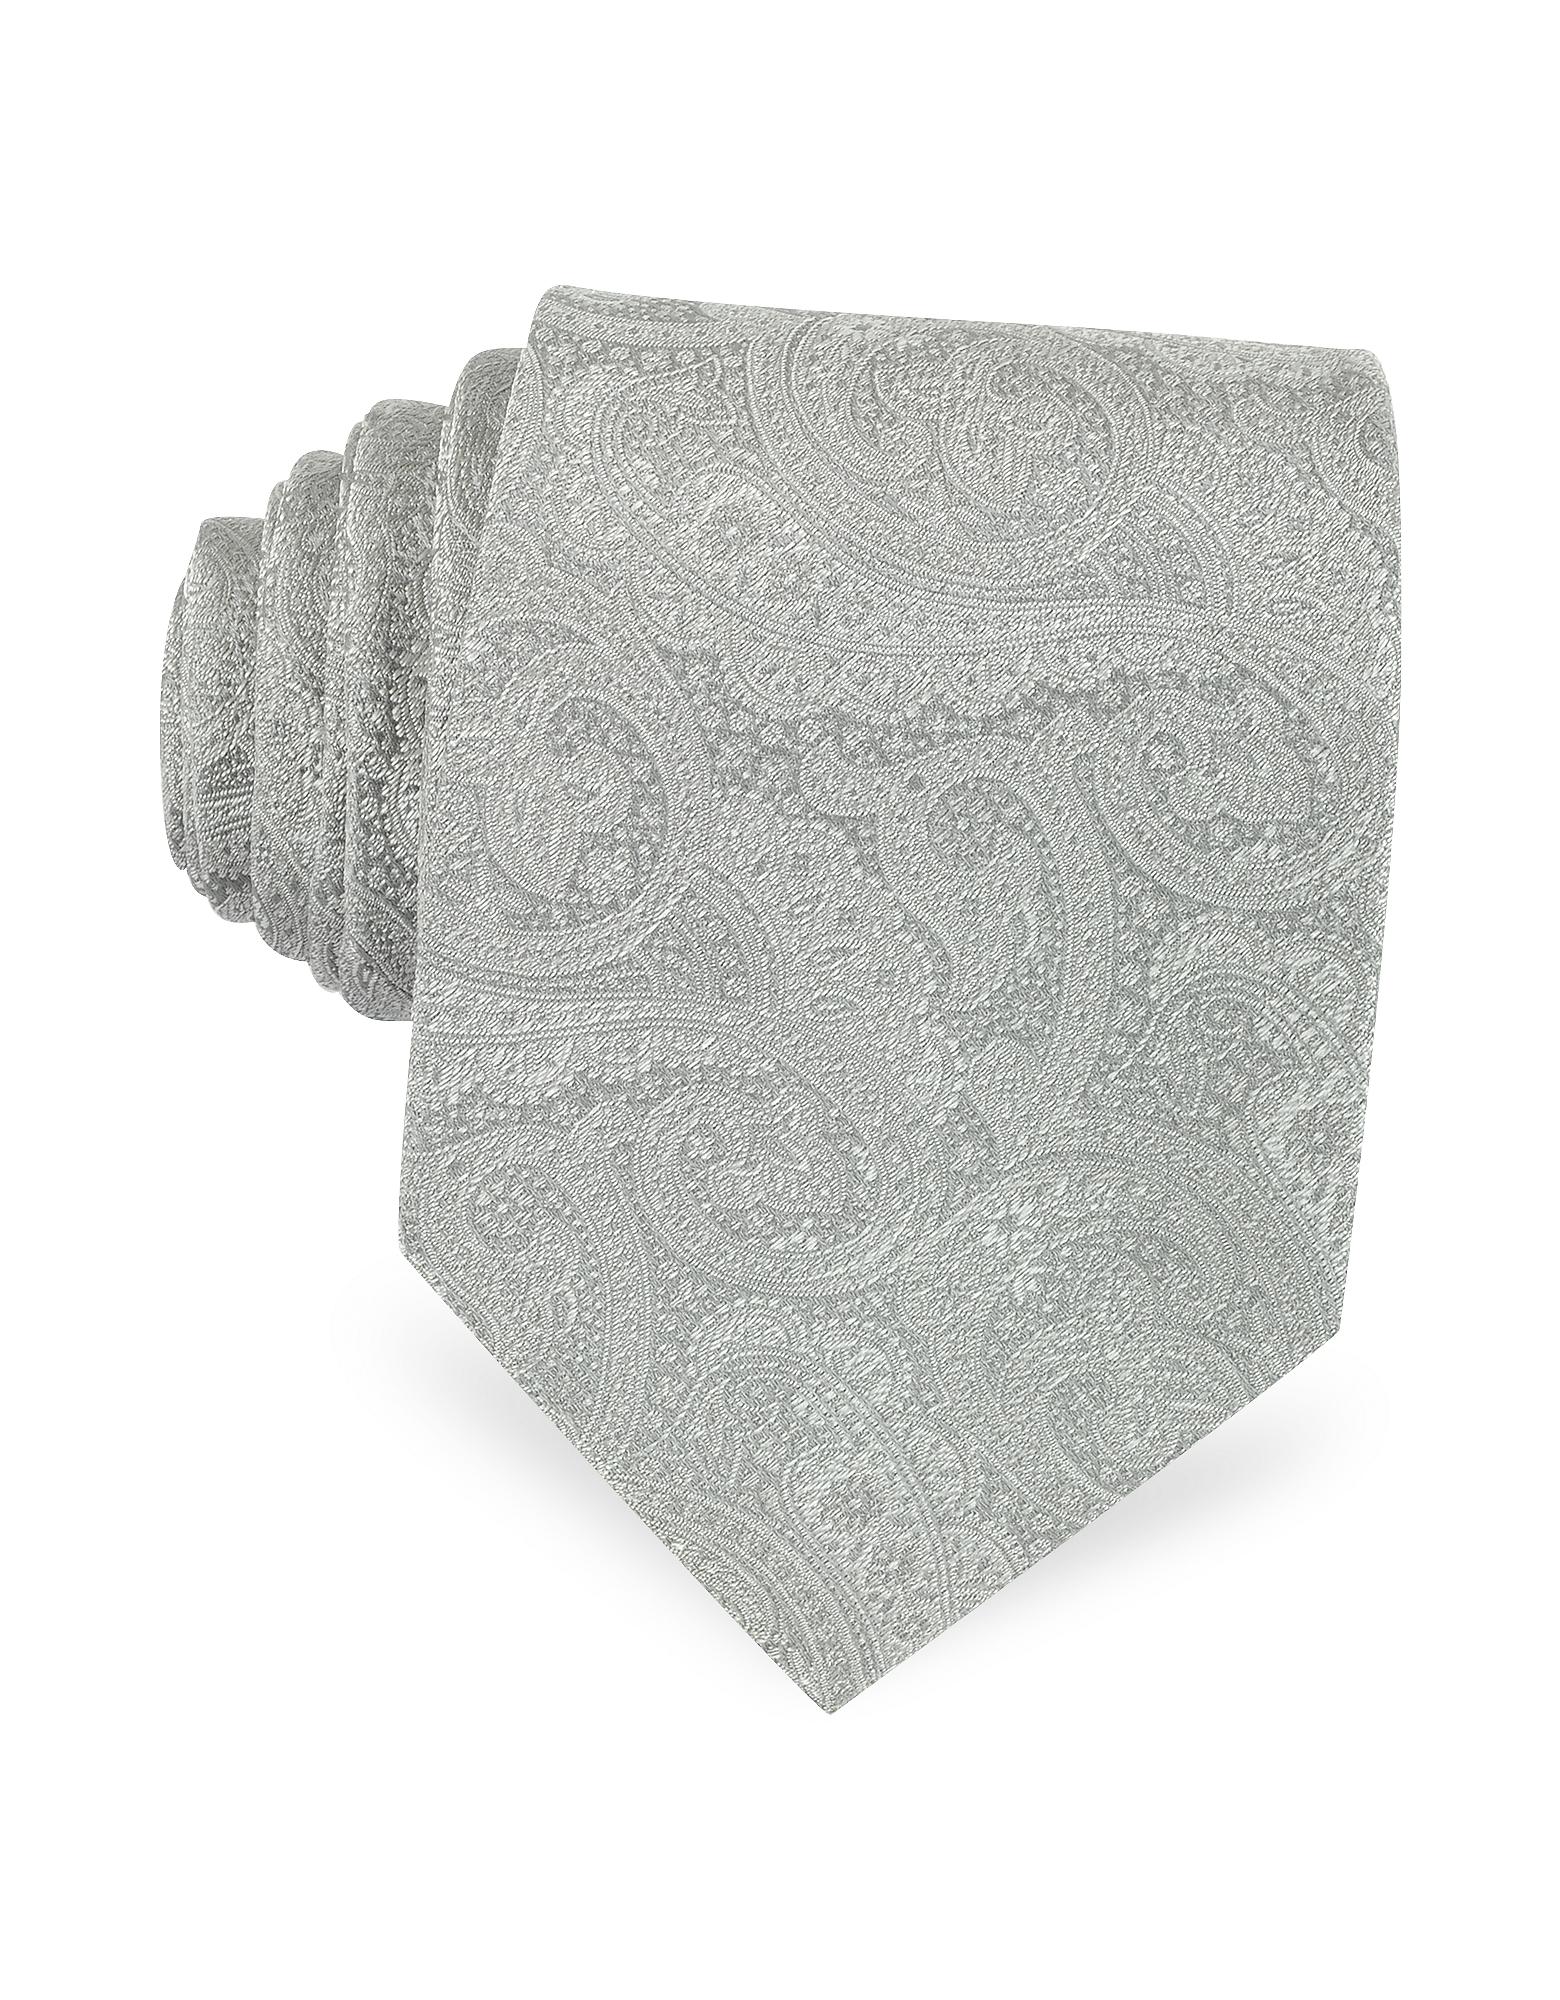 Светло-серый Галстук и Текстурного Шелка с Орнаментальным Принтом